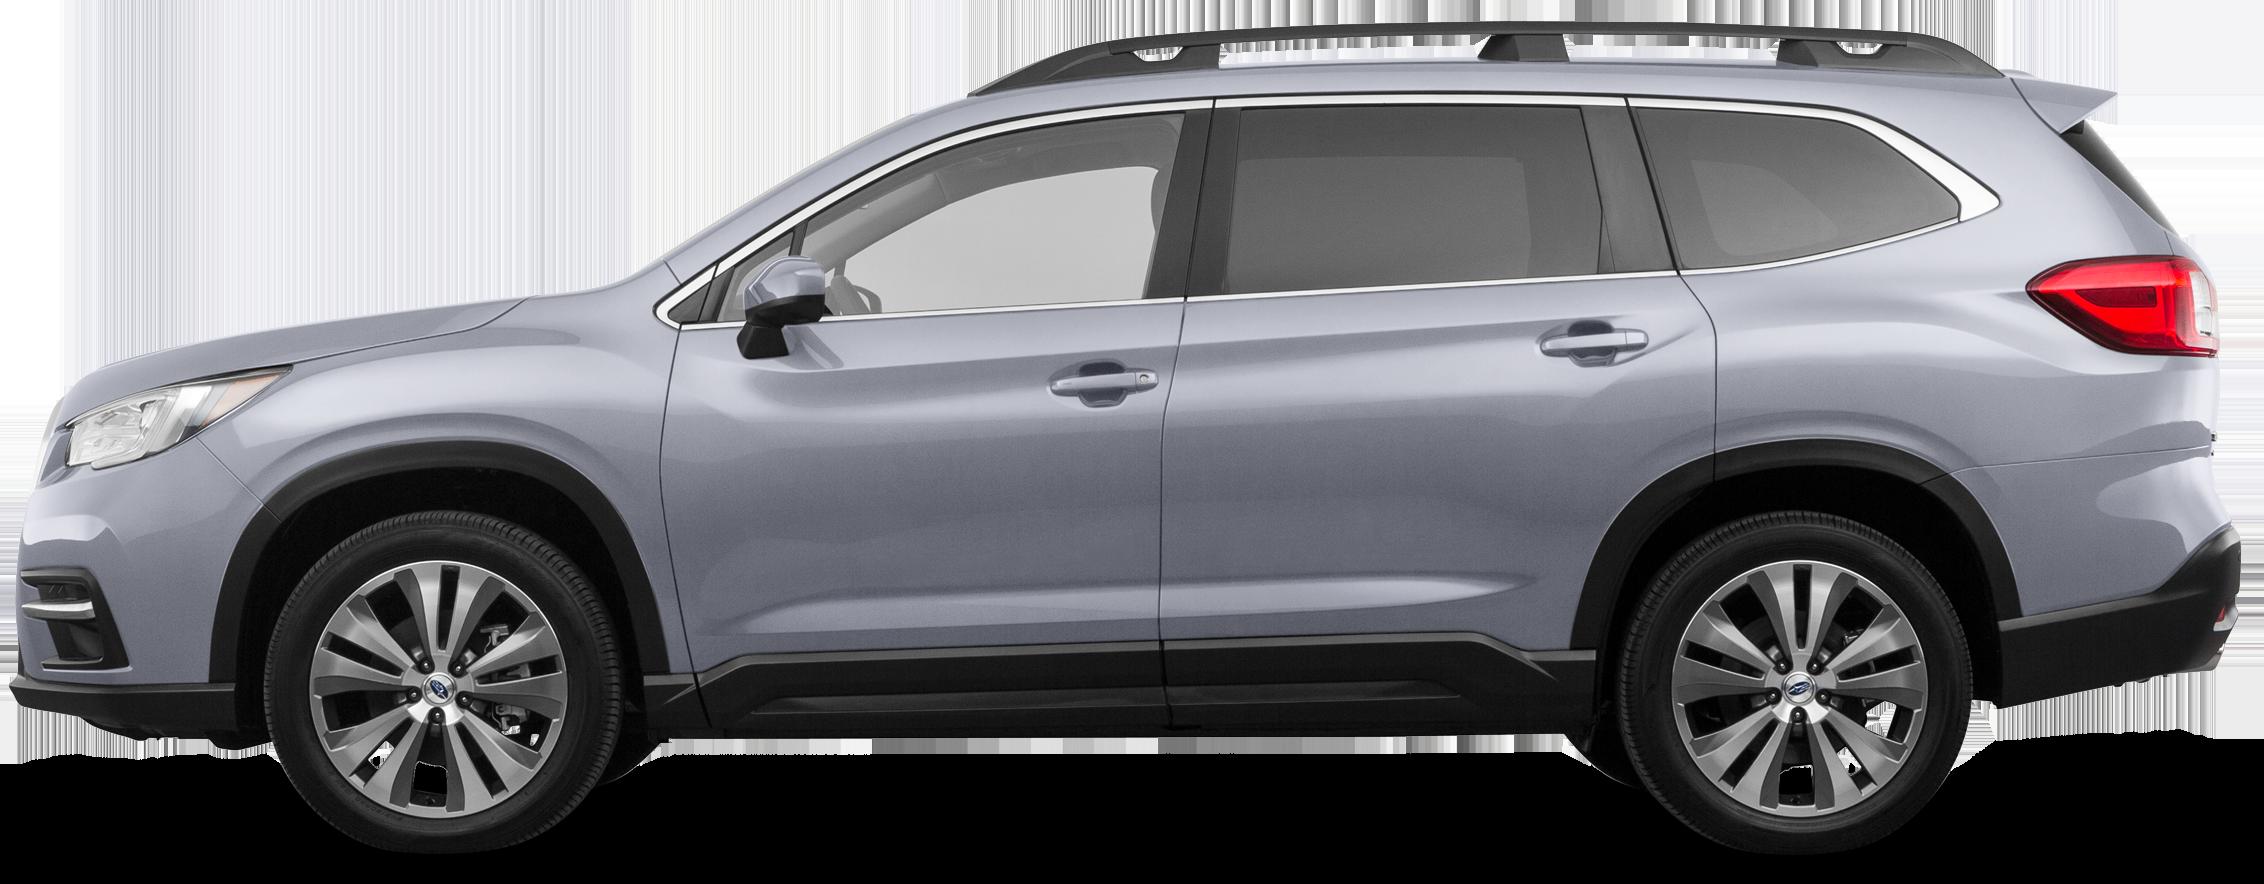 2021 Subaru Ascent SUV Premium 8-Passenger